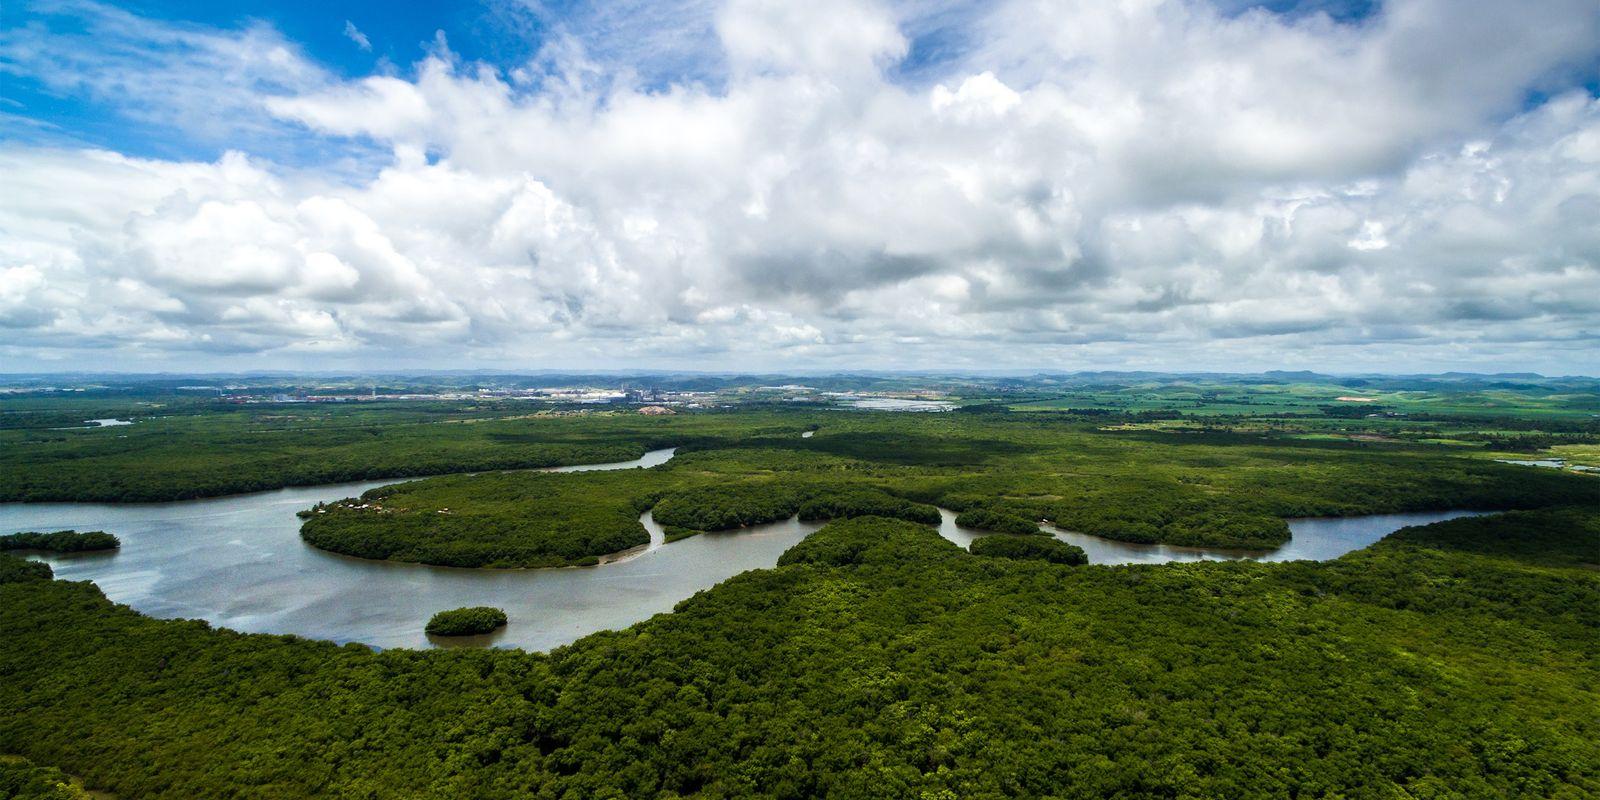 La déforestation de la forêt amazonienne a atteint un pic en 2018